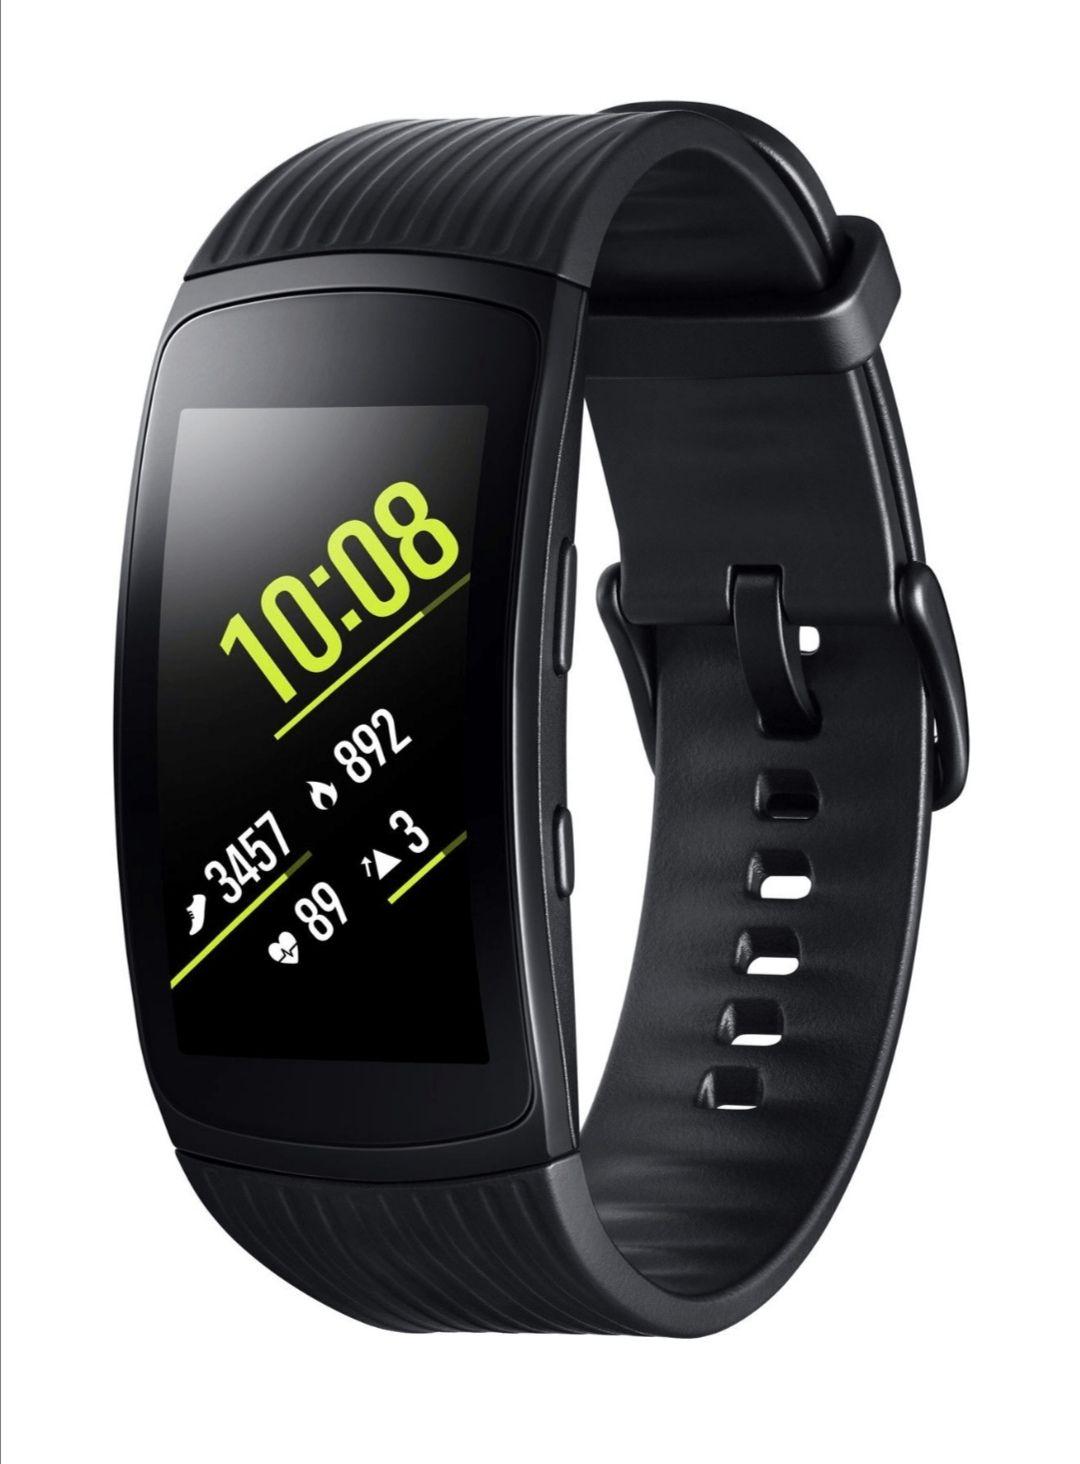 [Media Markt]SAMSUNG Gear Fit 2 Pro Fitness Armband L Schwarz für 89€